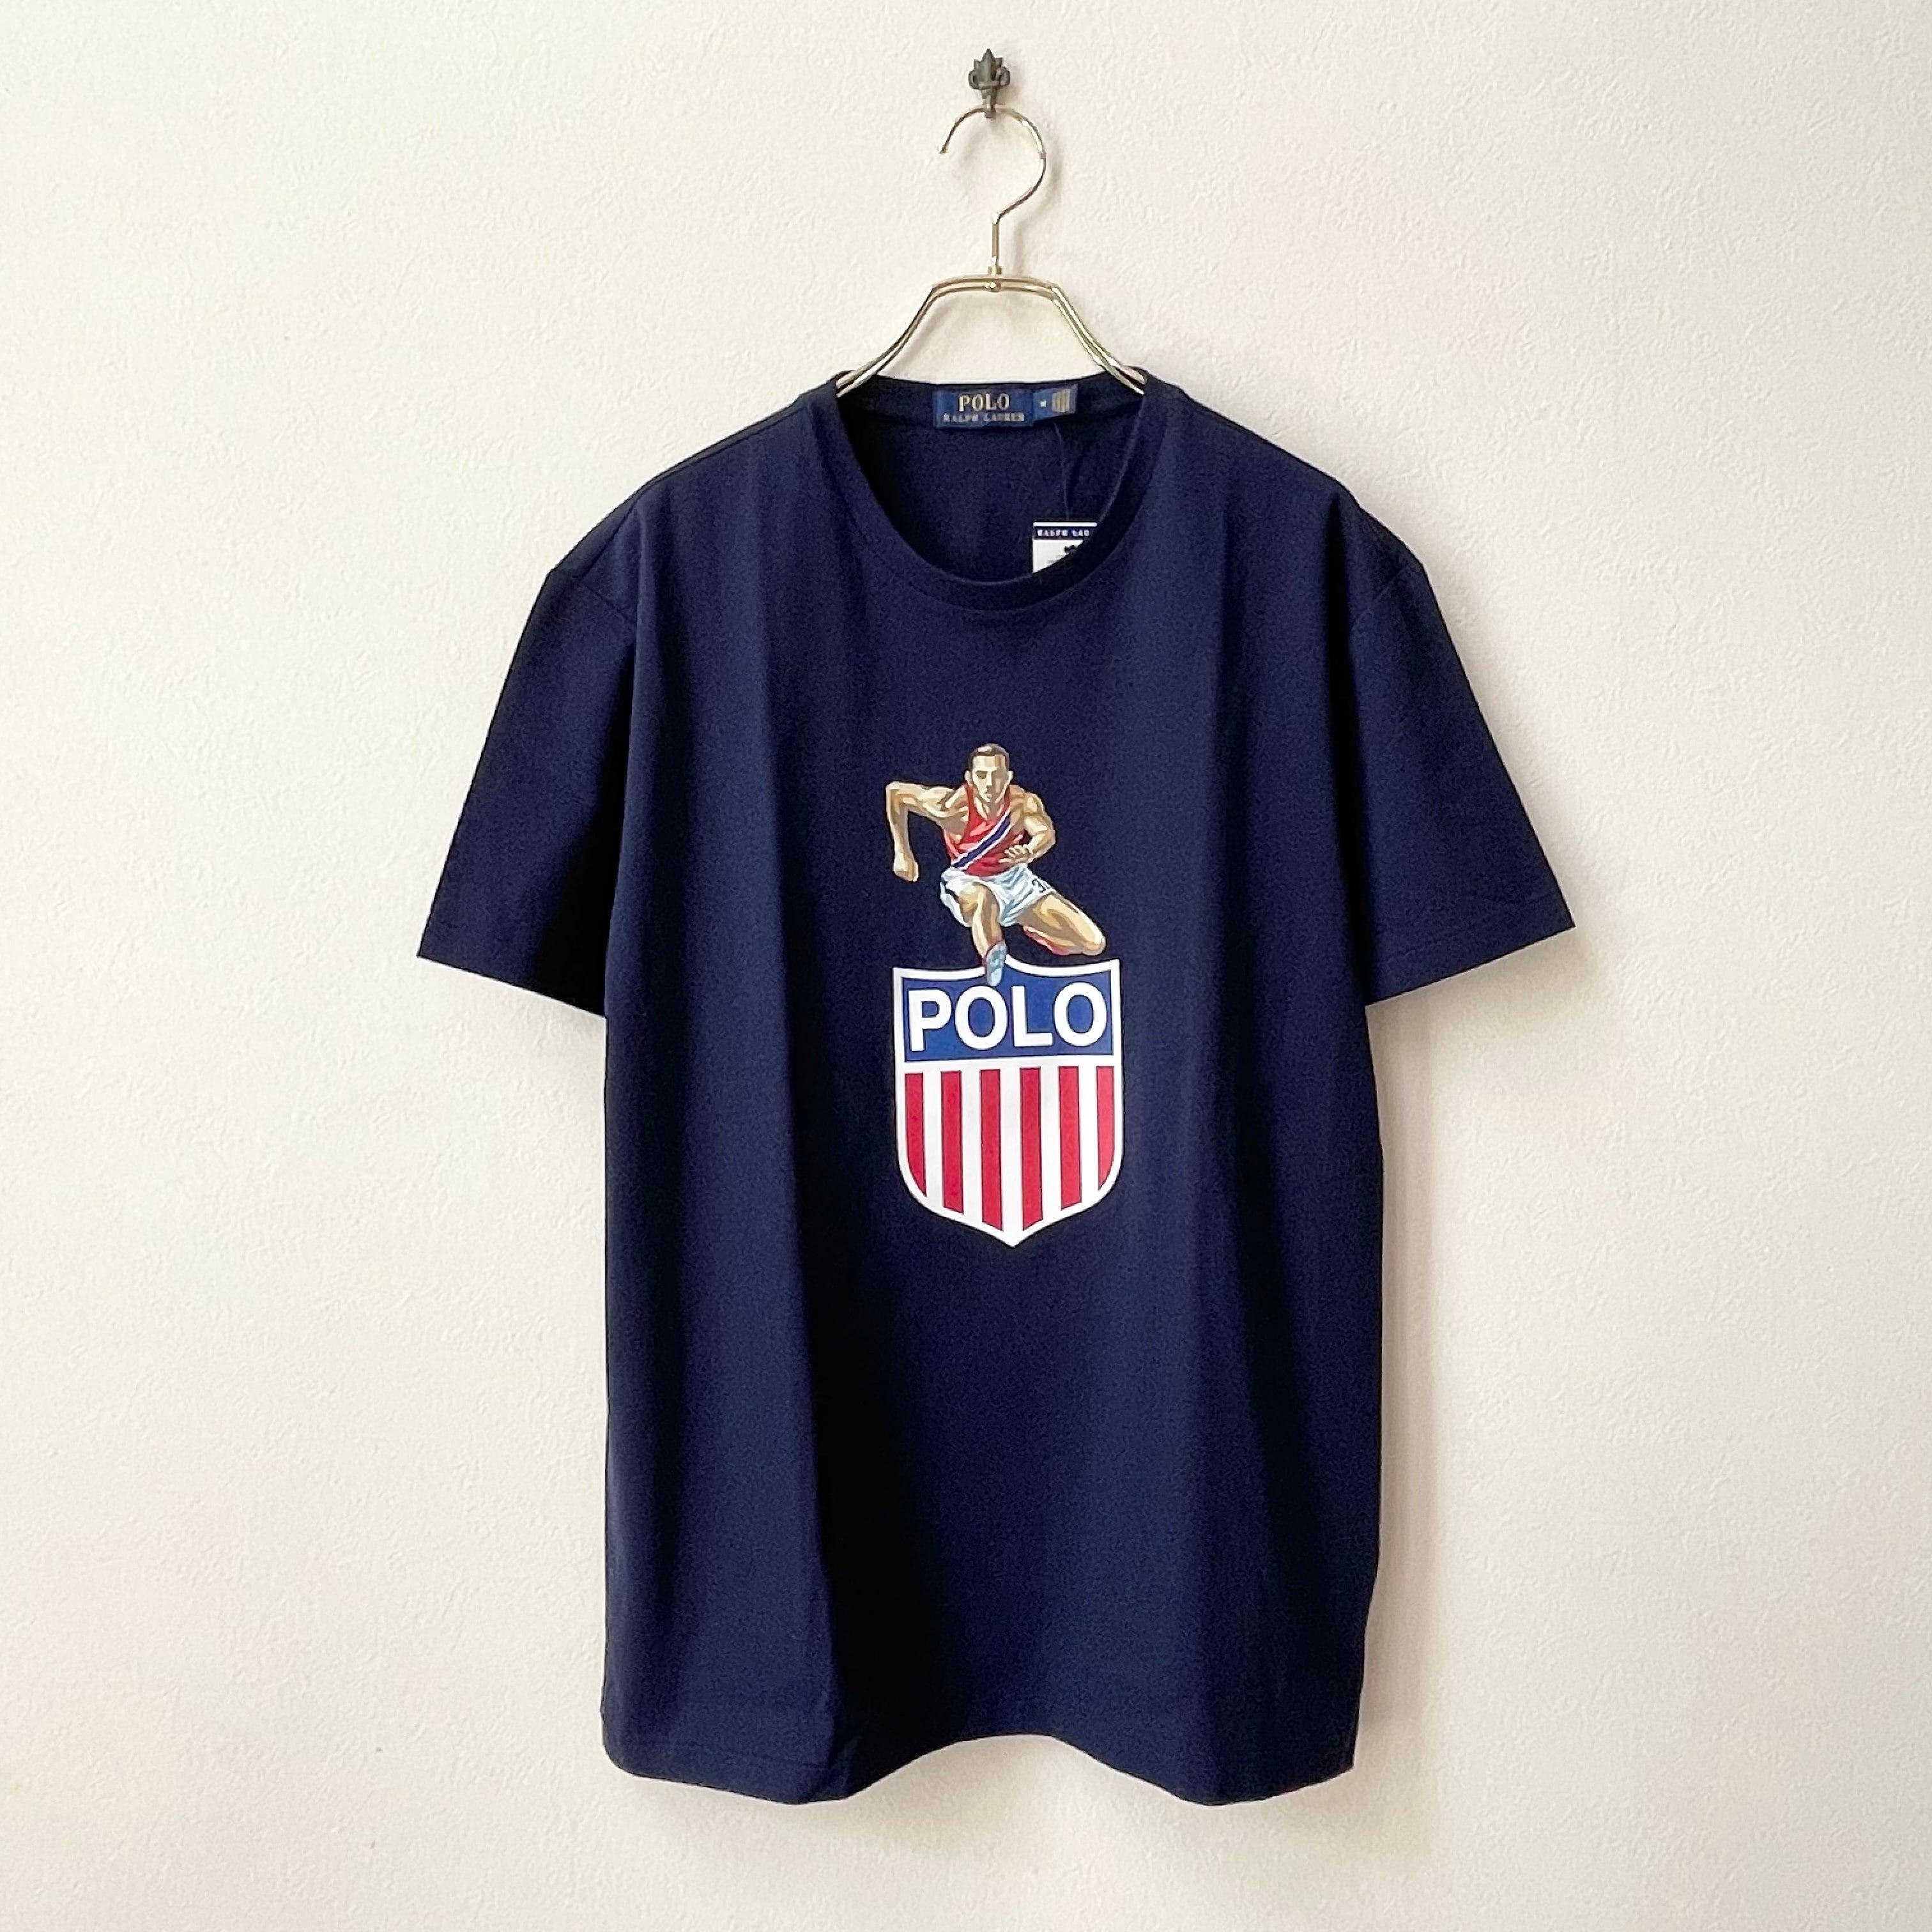 POLO RALPH LAUREN ポロラルフローレン アスリート フラッグ プリントTシャツ US規格 新品セレクト 日本L